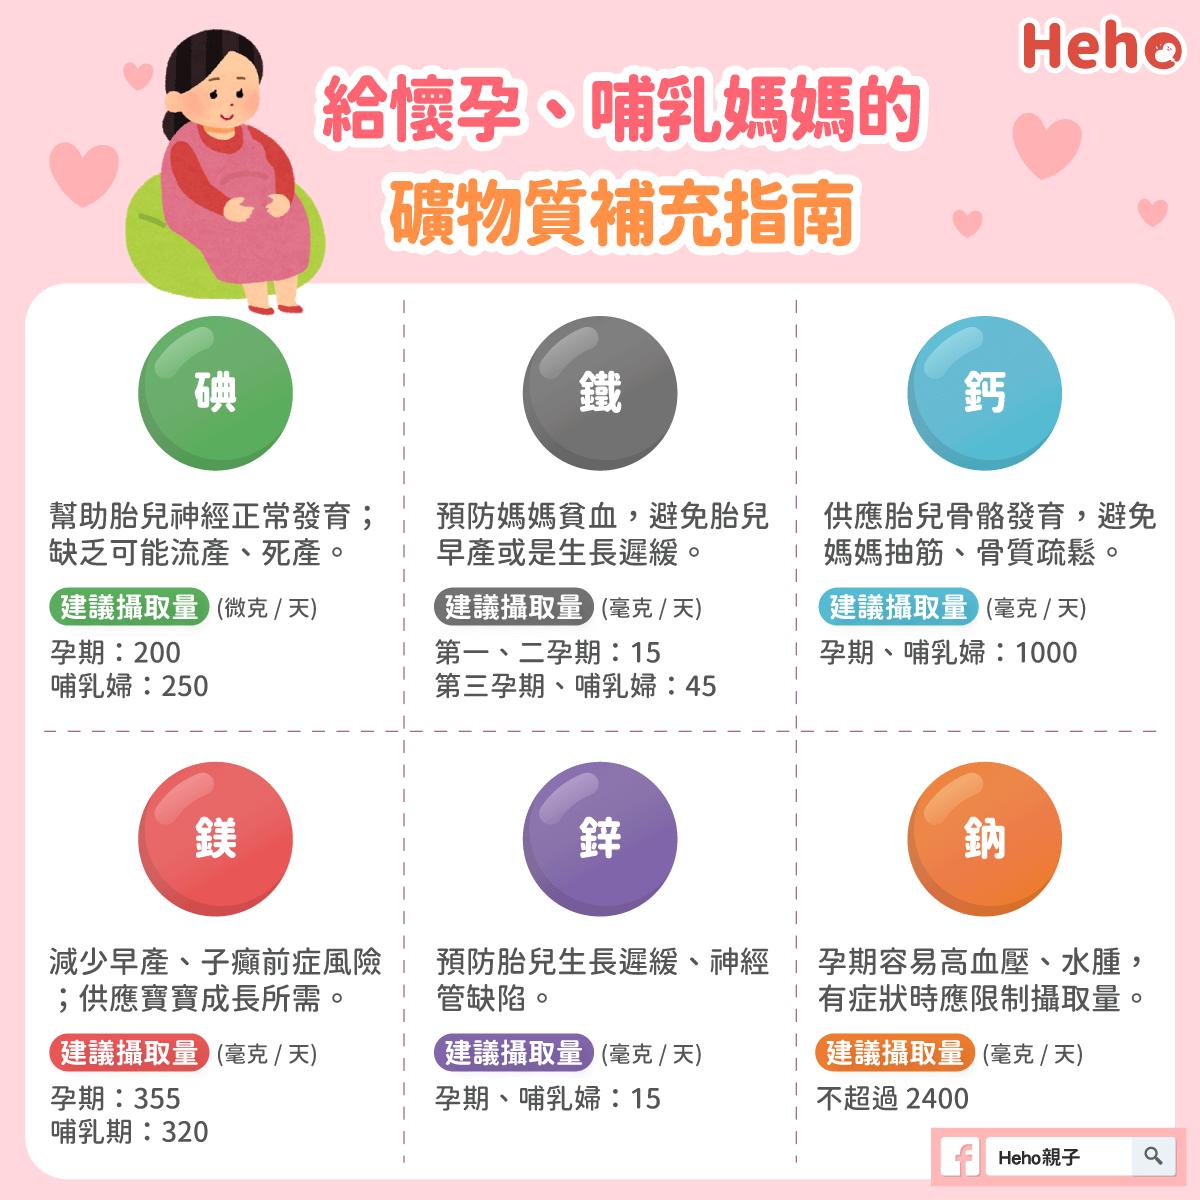 圖解_懷孕注意六大礦物質攝取,媽媽寶寶都健康!